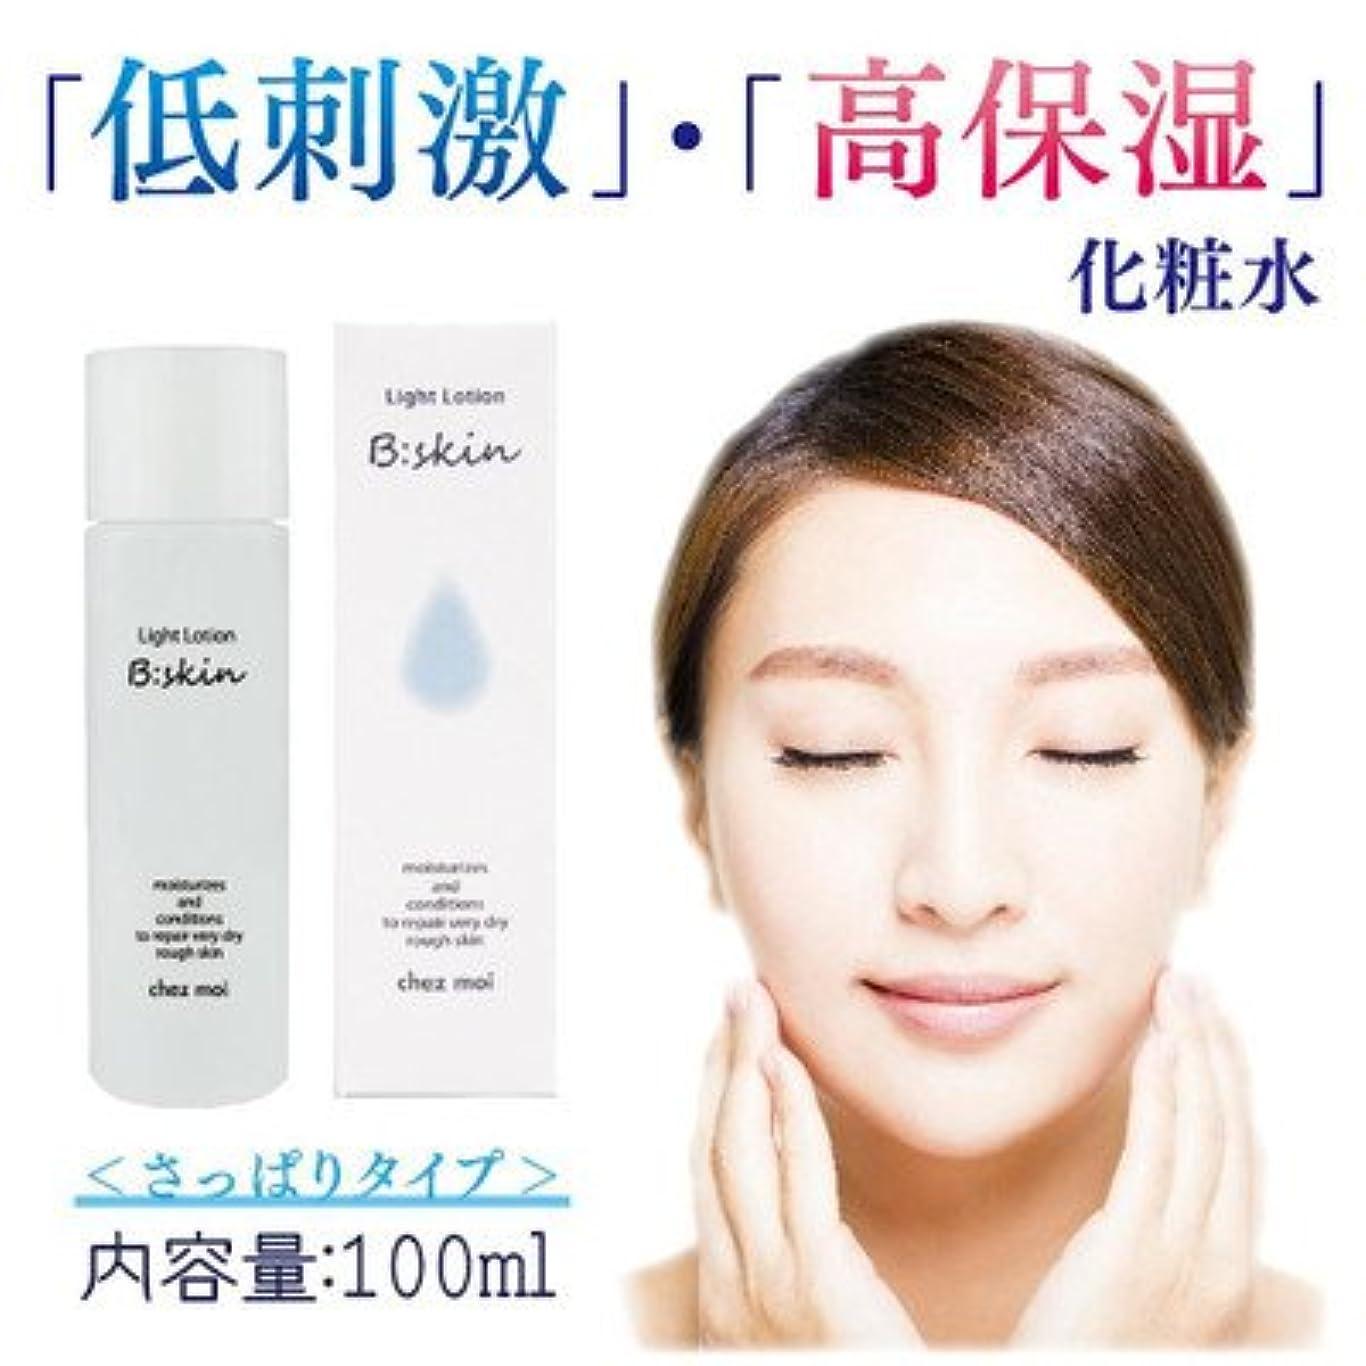 ポータルネクタイ腫瘍低刺激 高保湿 さっぱりタイプの化粧水 B:skin ビースキン Light Lotion ライトローション さっぱりタイプ 化粧水 100mL